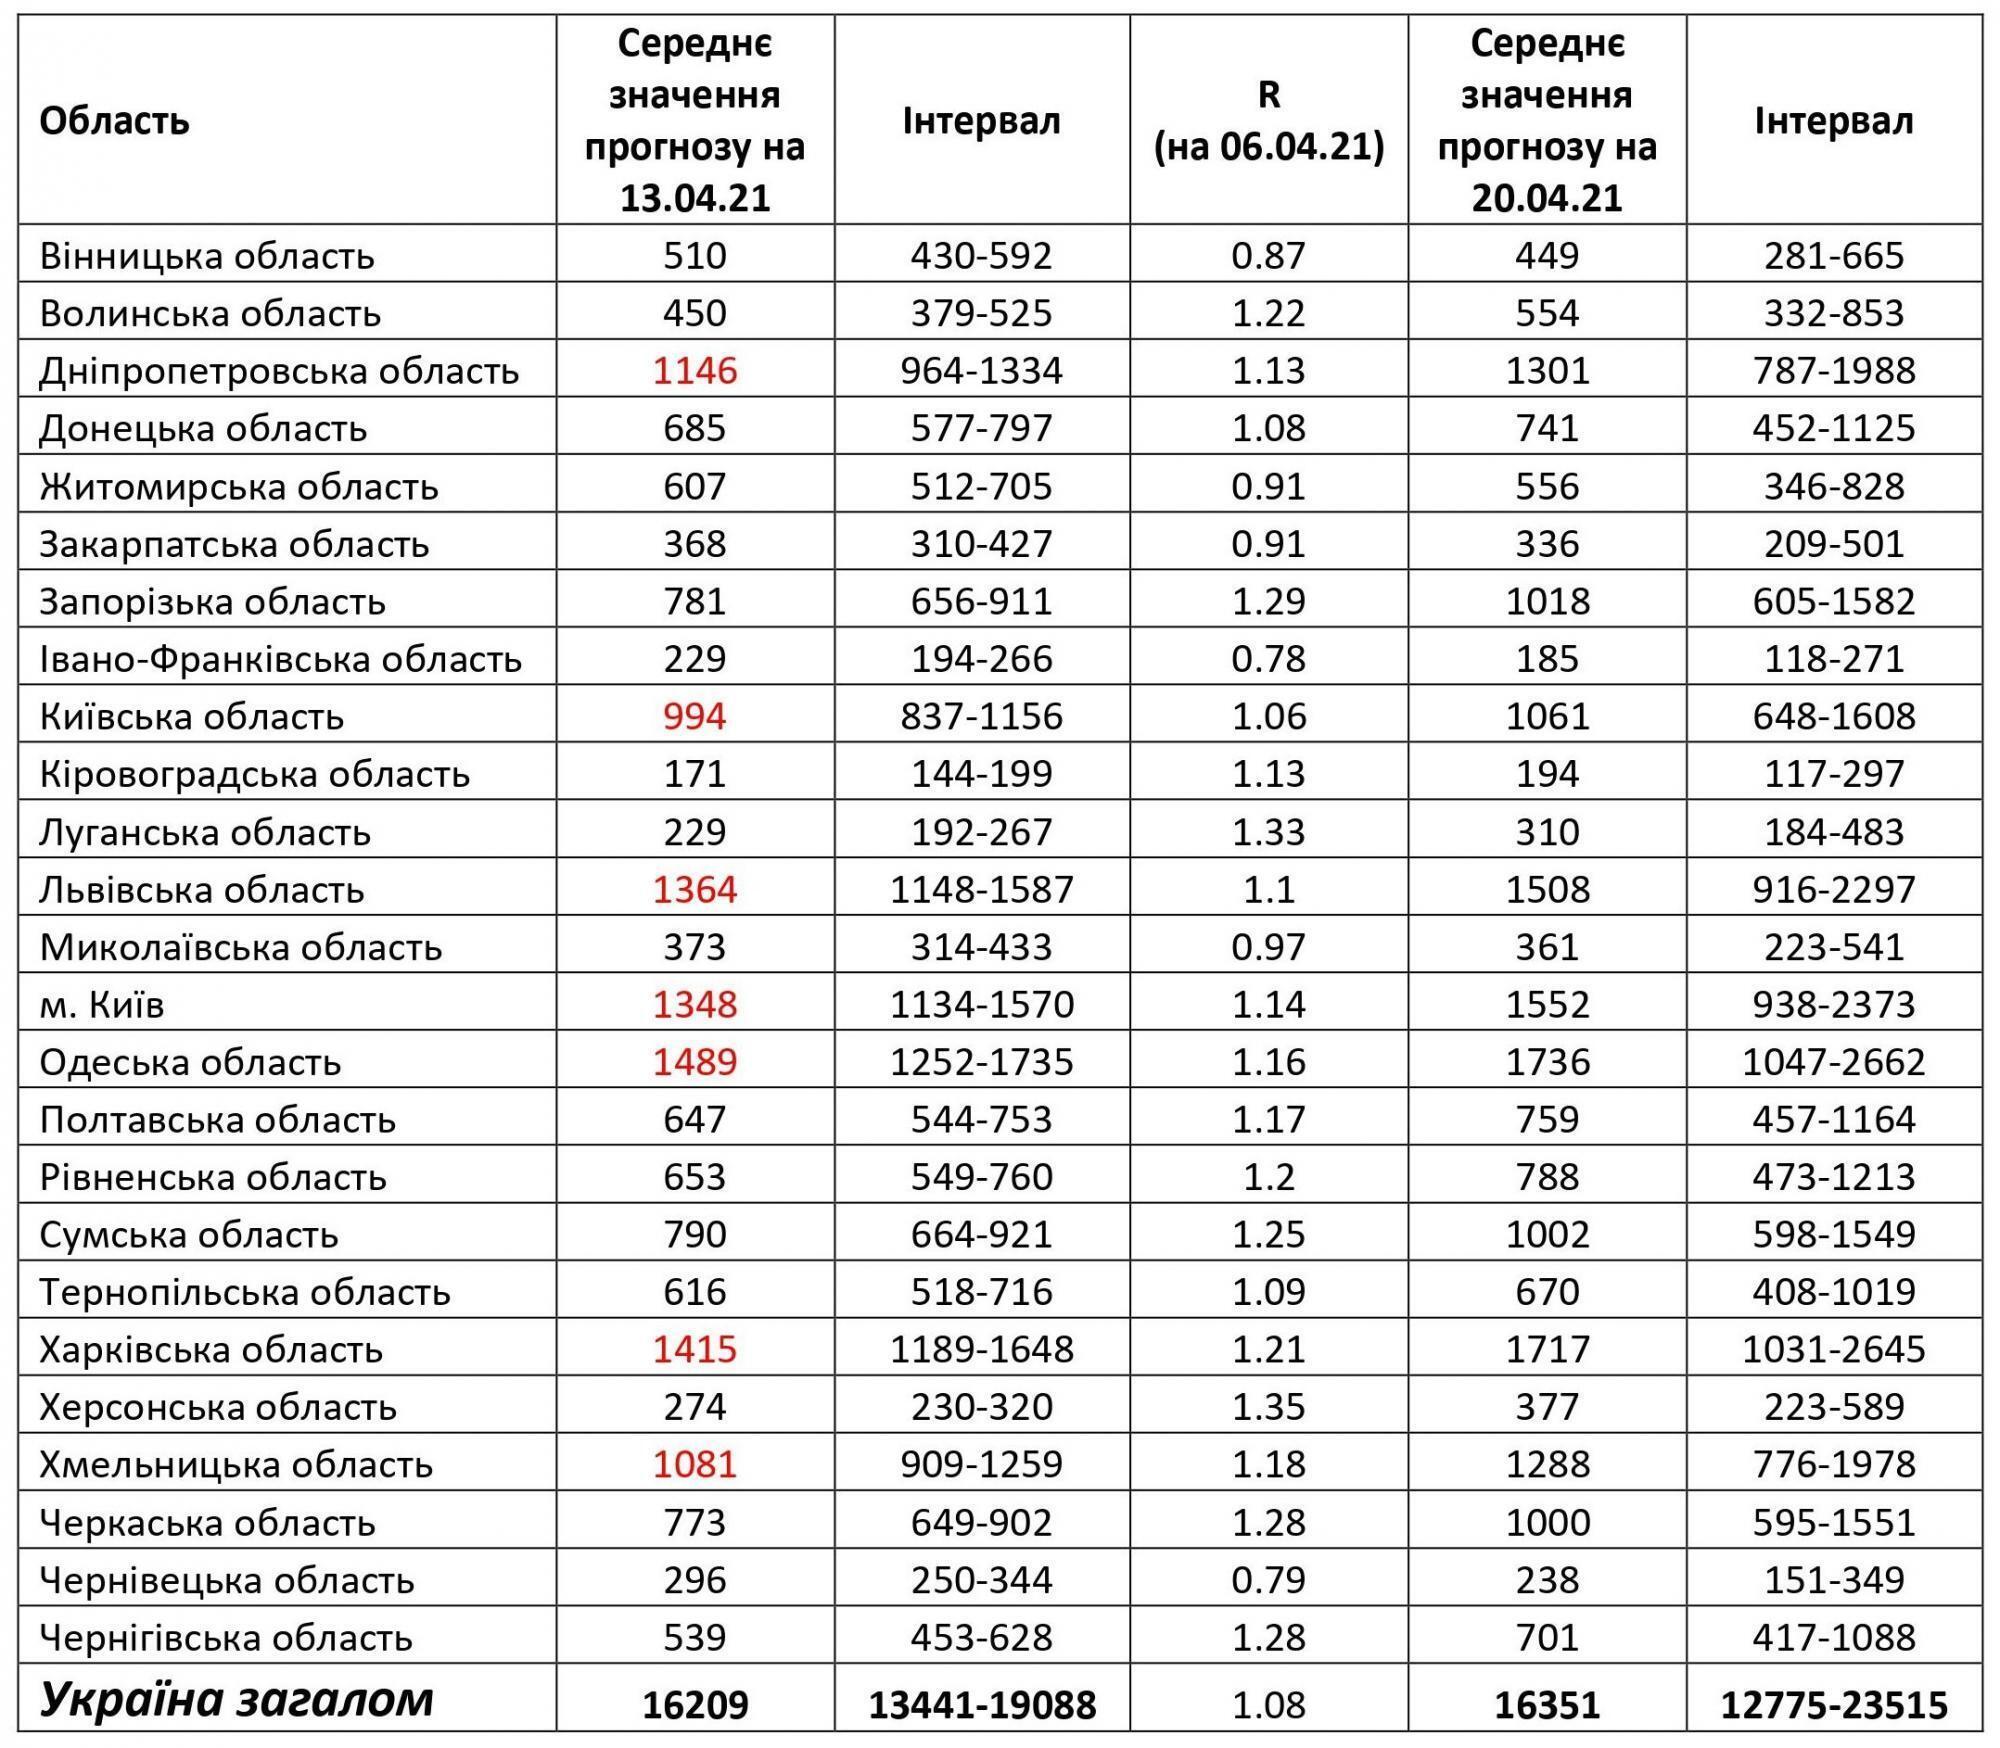 Прогноз по распространению коронавируса в Украине